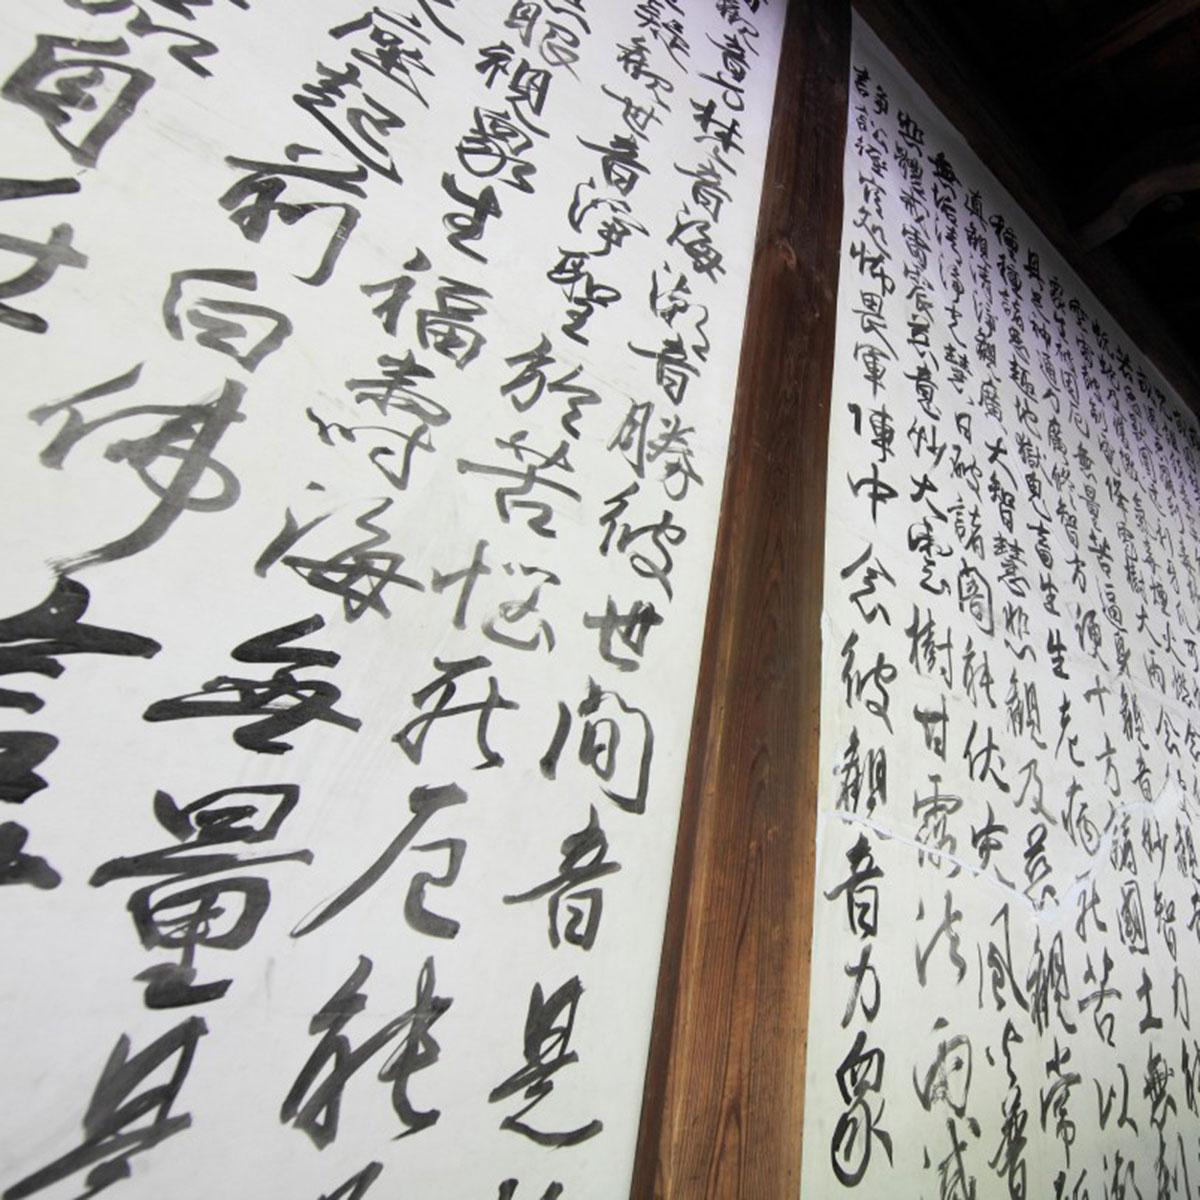 kalligrafi-04